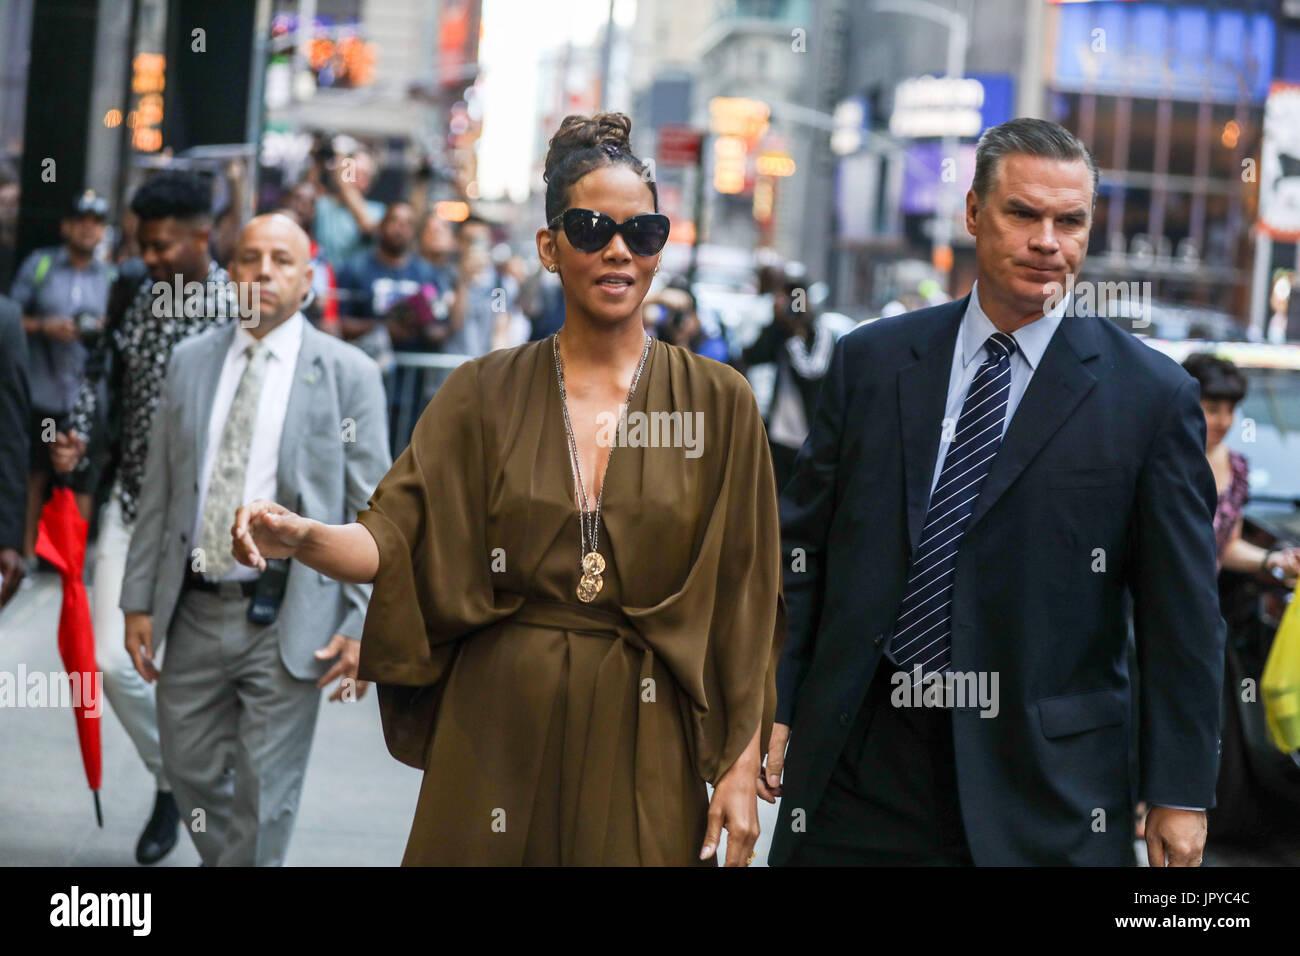 New York, USA. 3. August 2017. US-amerikanische Schauspielerin Halle Berry ist sehen Ankunft auf ein TV-Programm Stockfoto